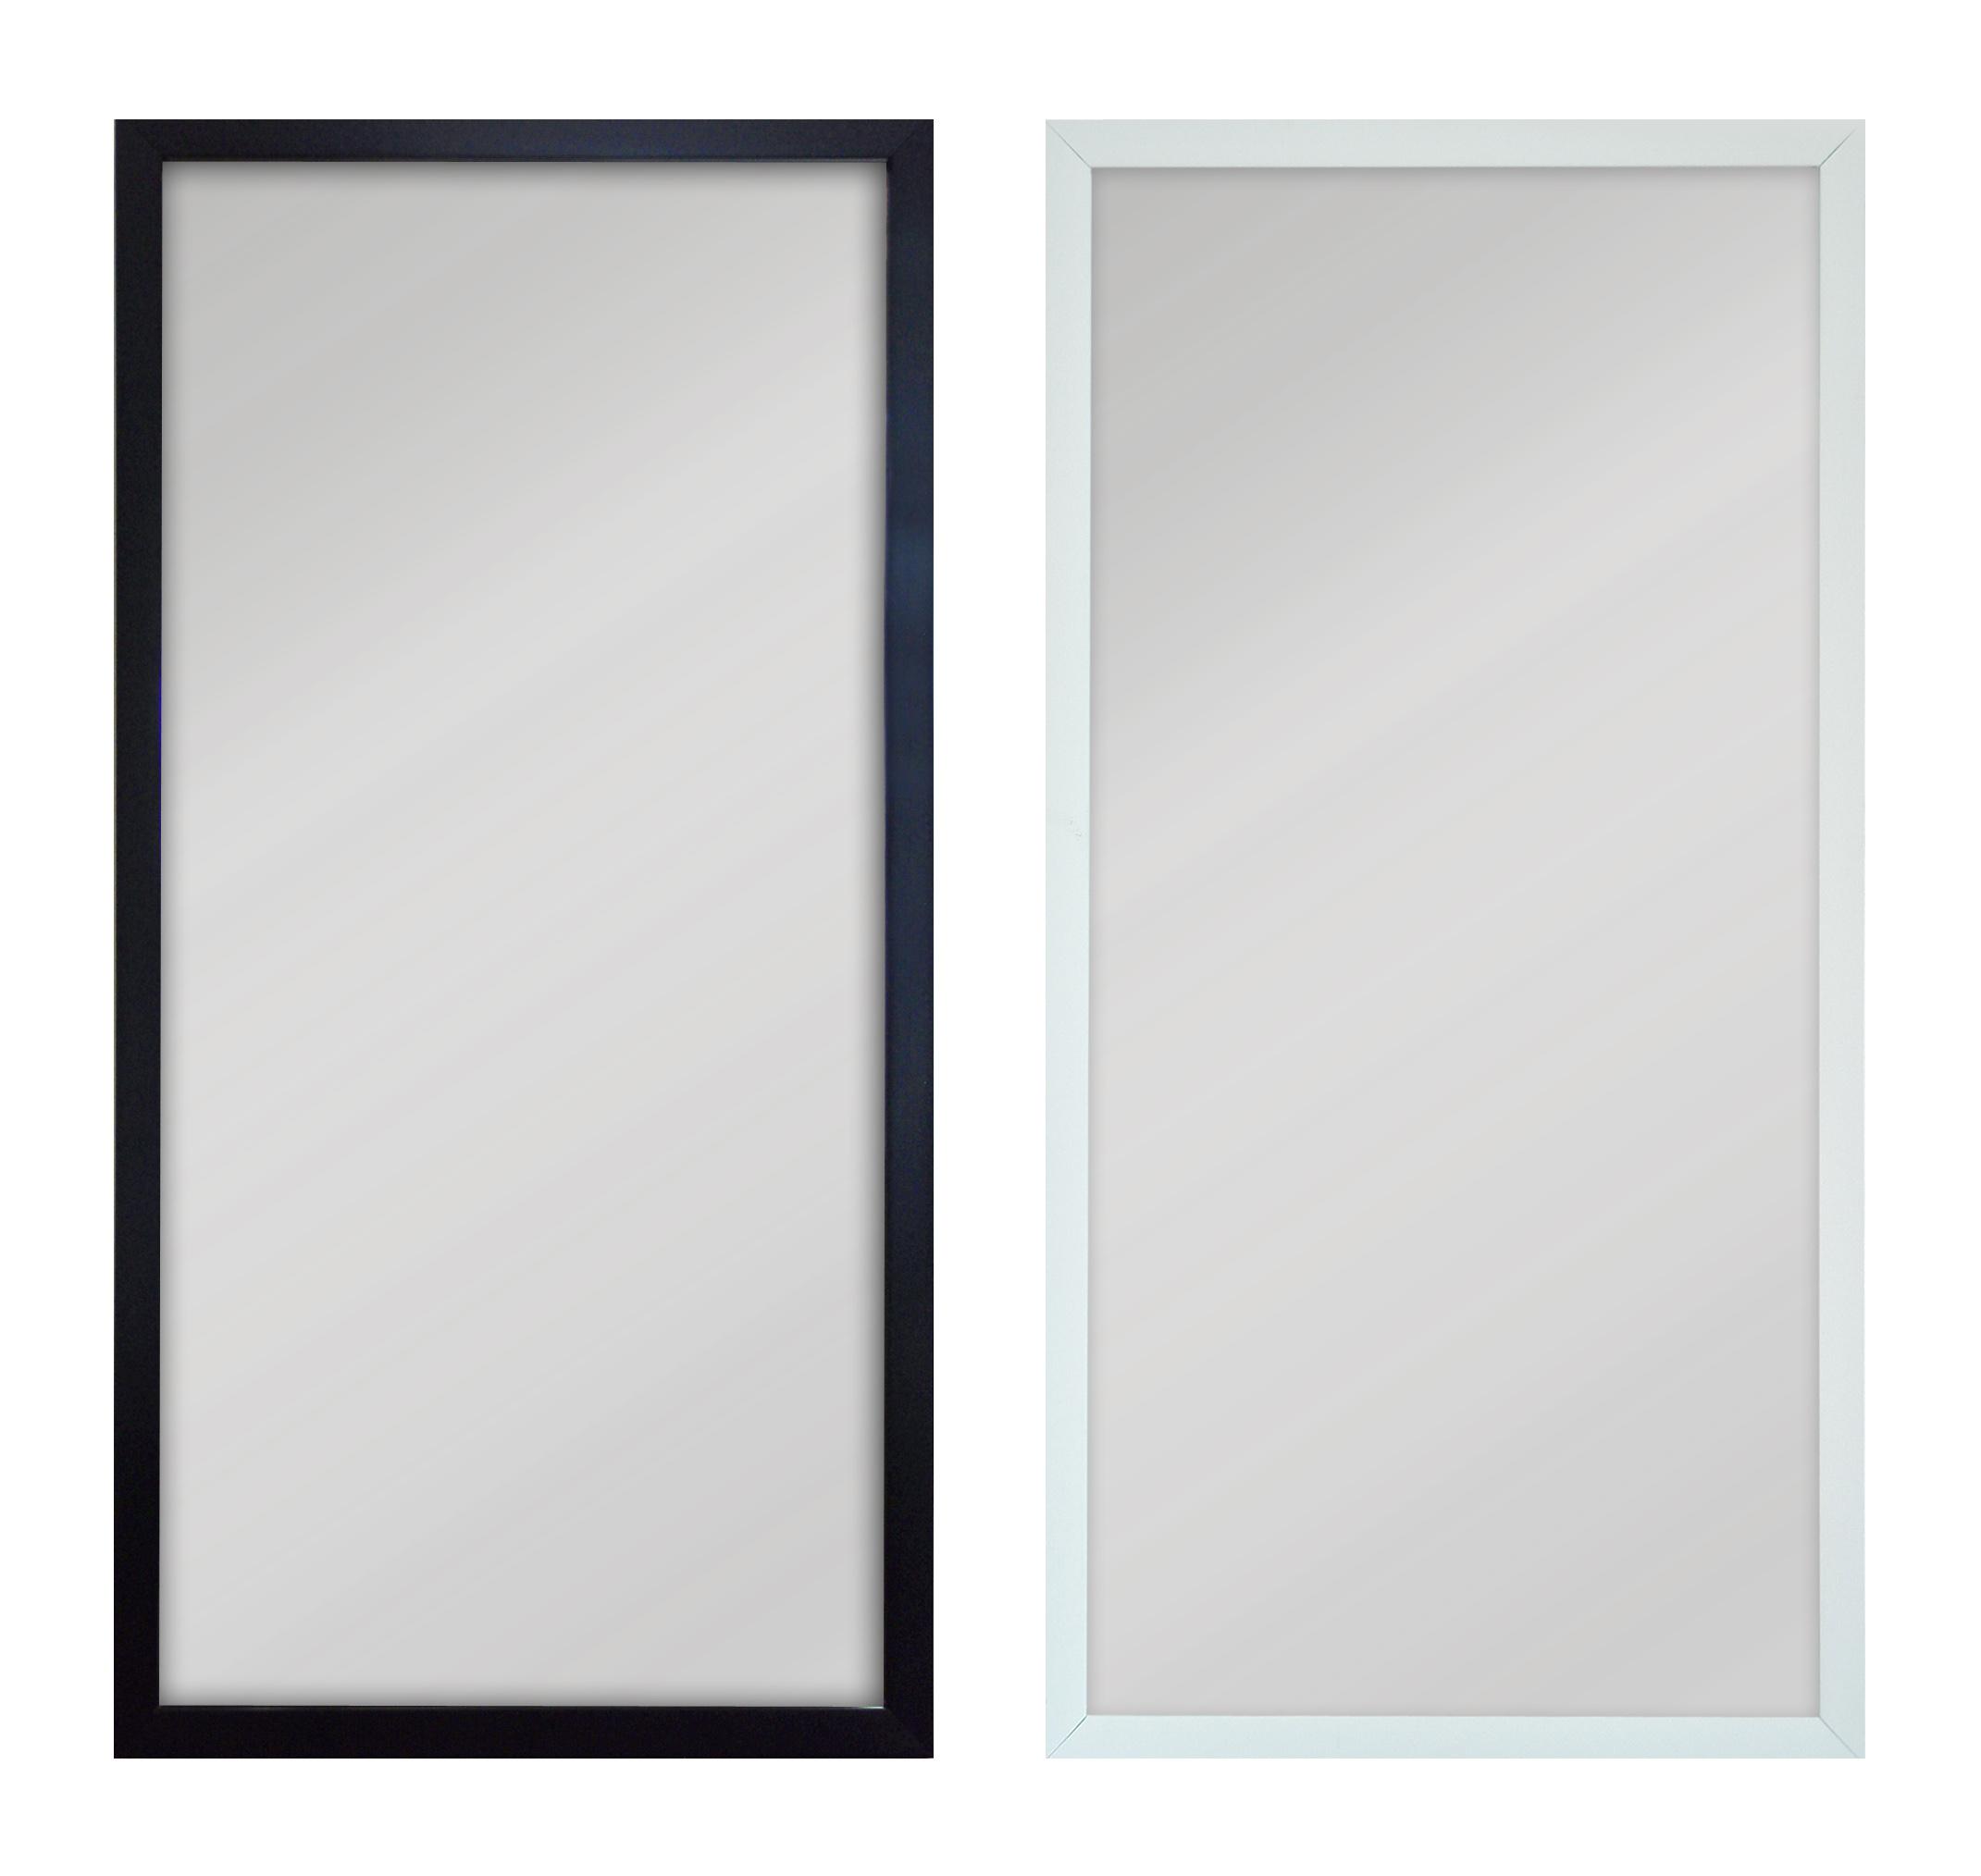 billig stor spegel